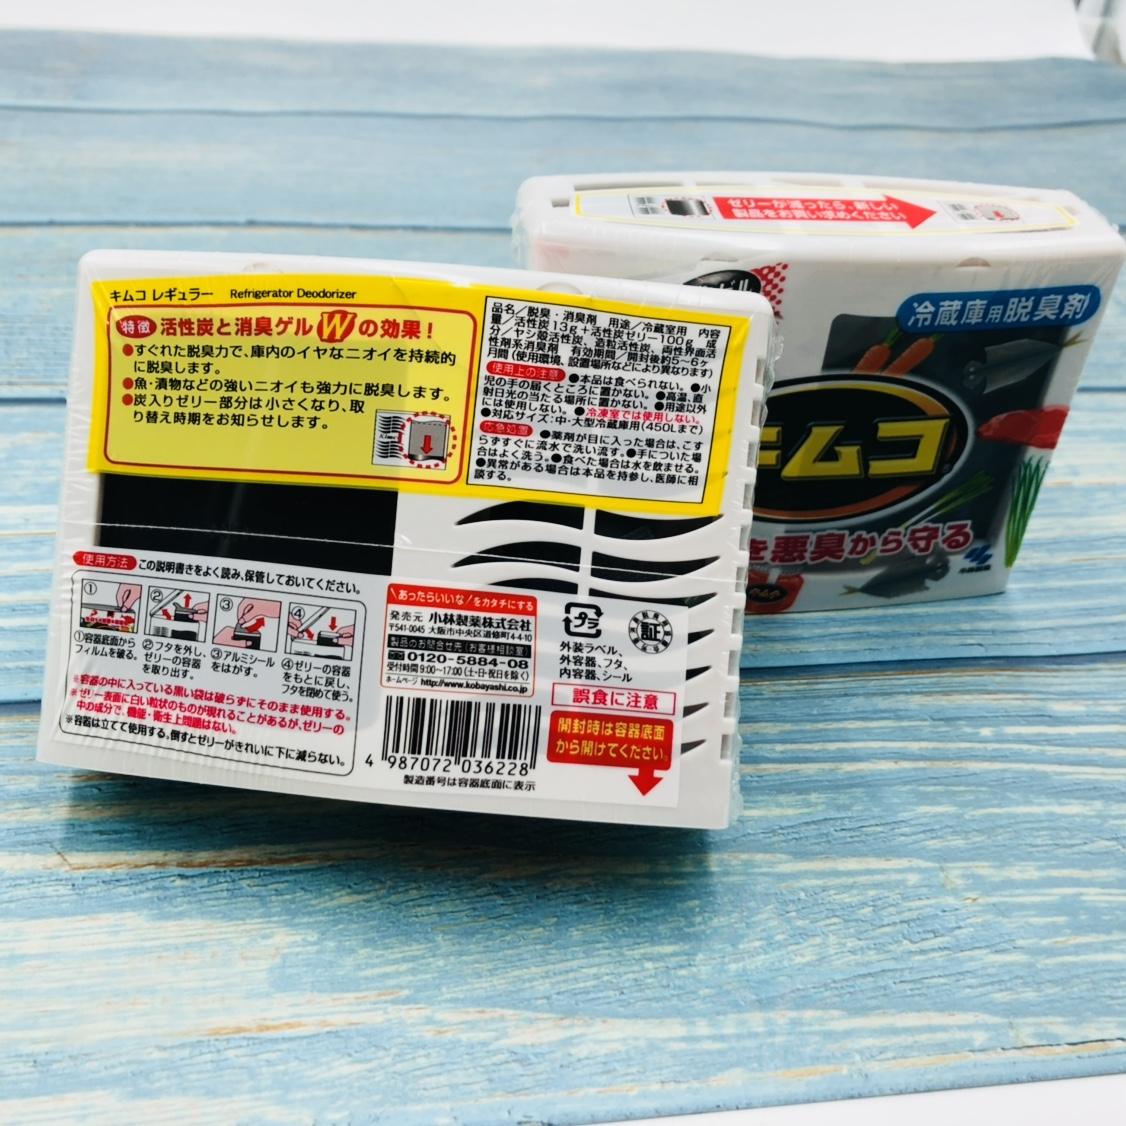 日本原装进口小林超薄冰箱冷藏室消毒剂除臭剂活性炭除味剂除味盒